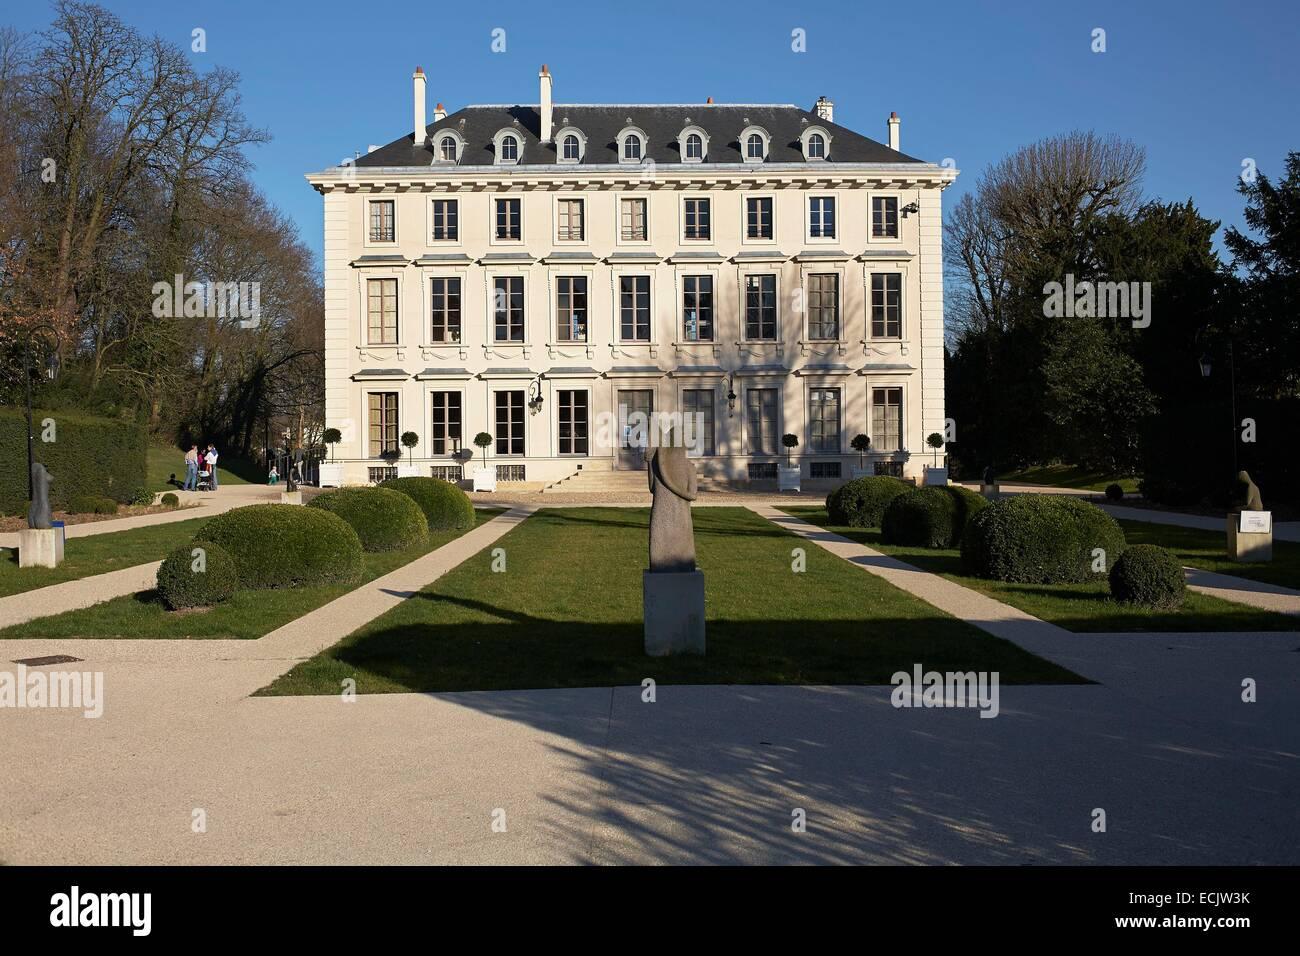 France Hauts De Seine Ville D Avray Chateau De Thierry Stock